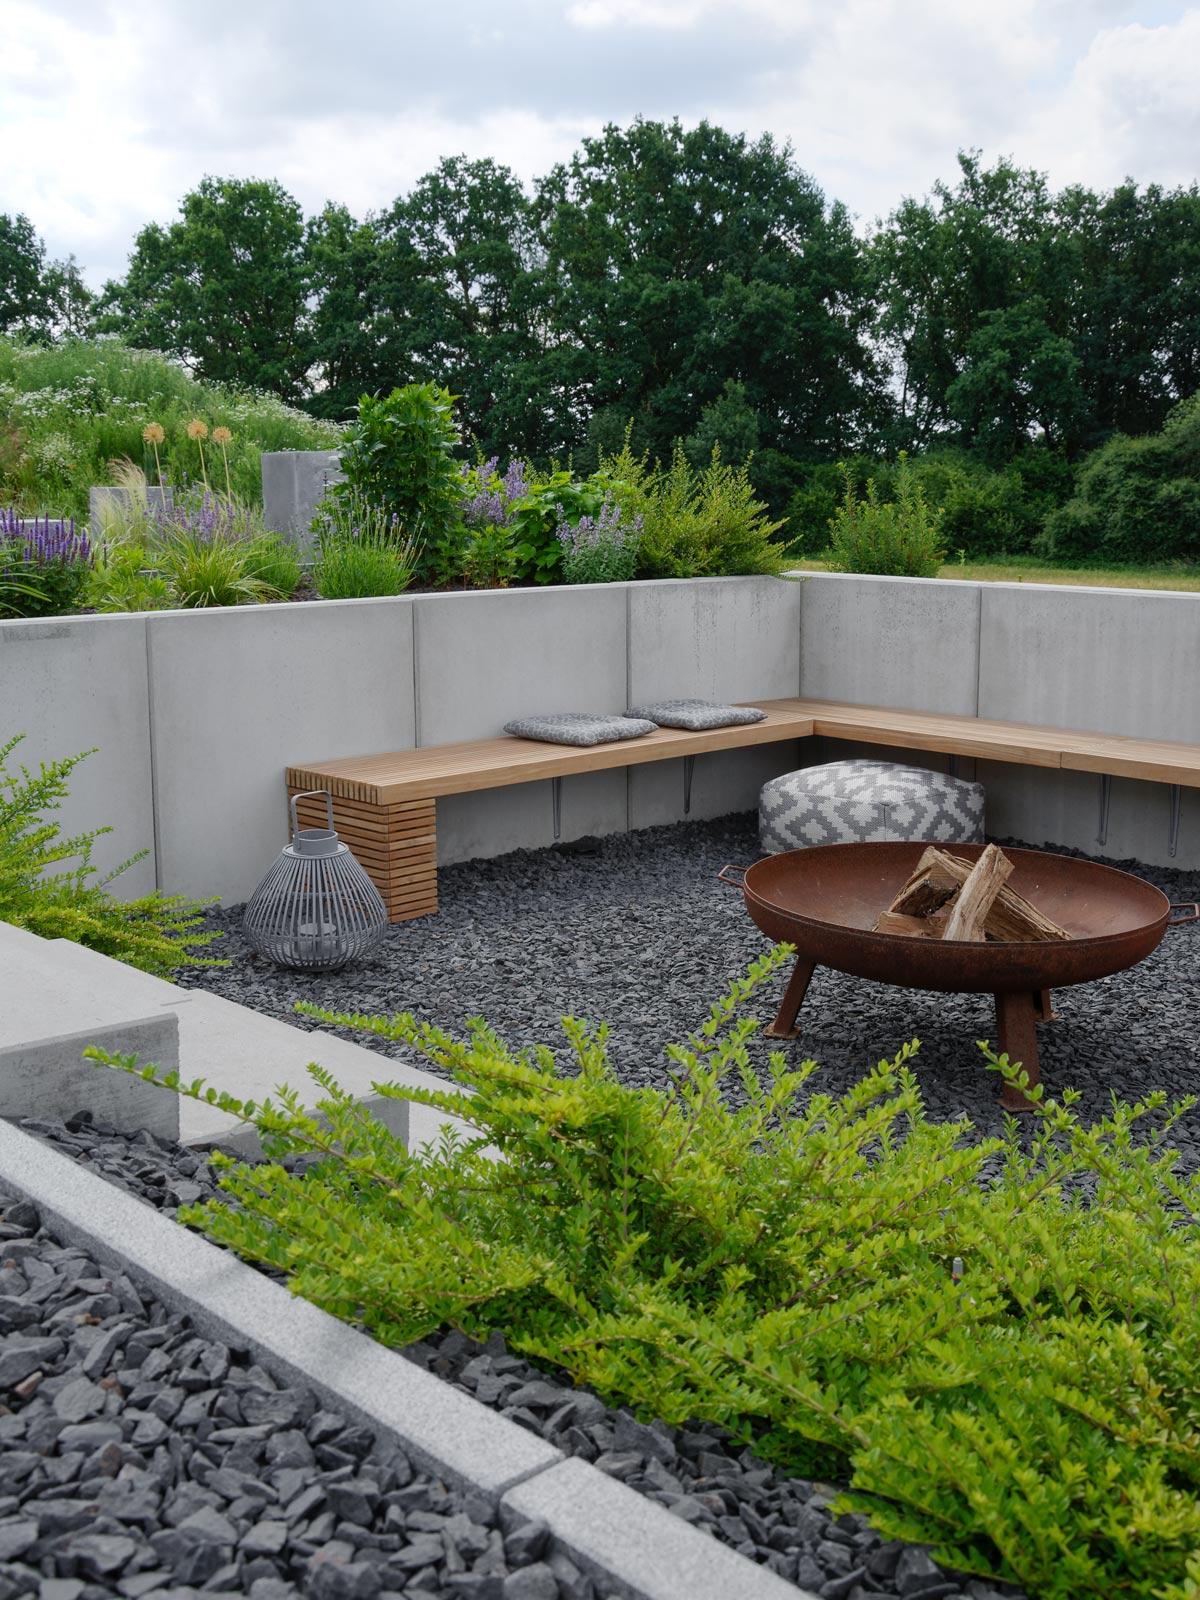 GARTEN  die neue Feuerstelle und Lichtkonzept im Garten  mxliving